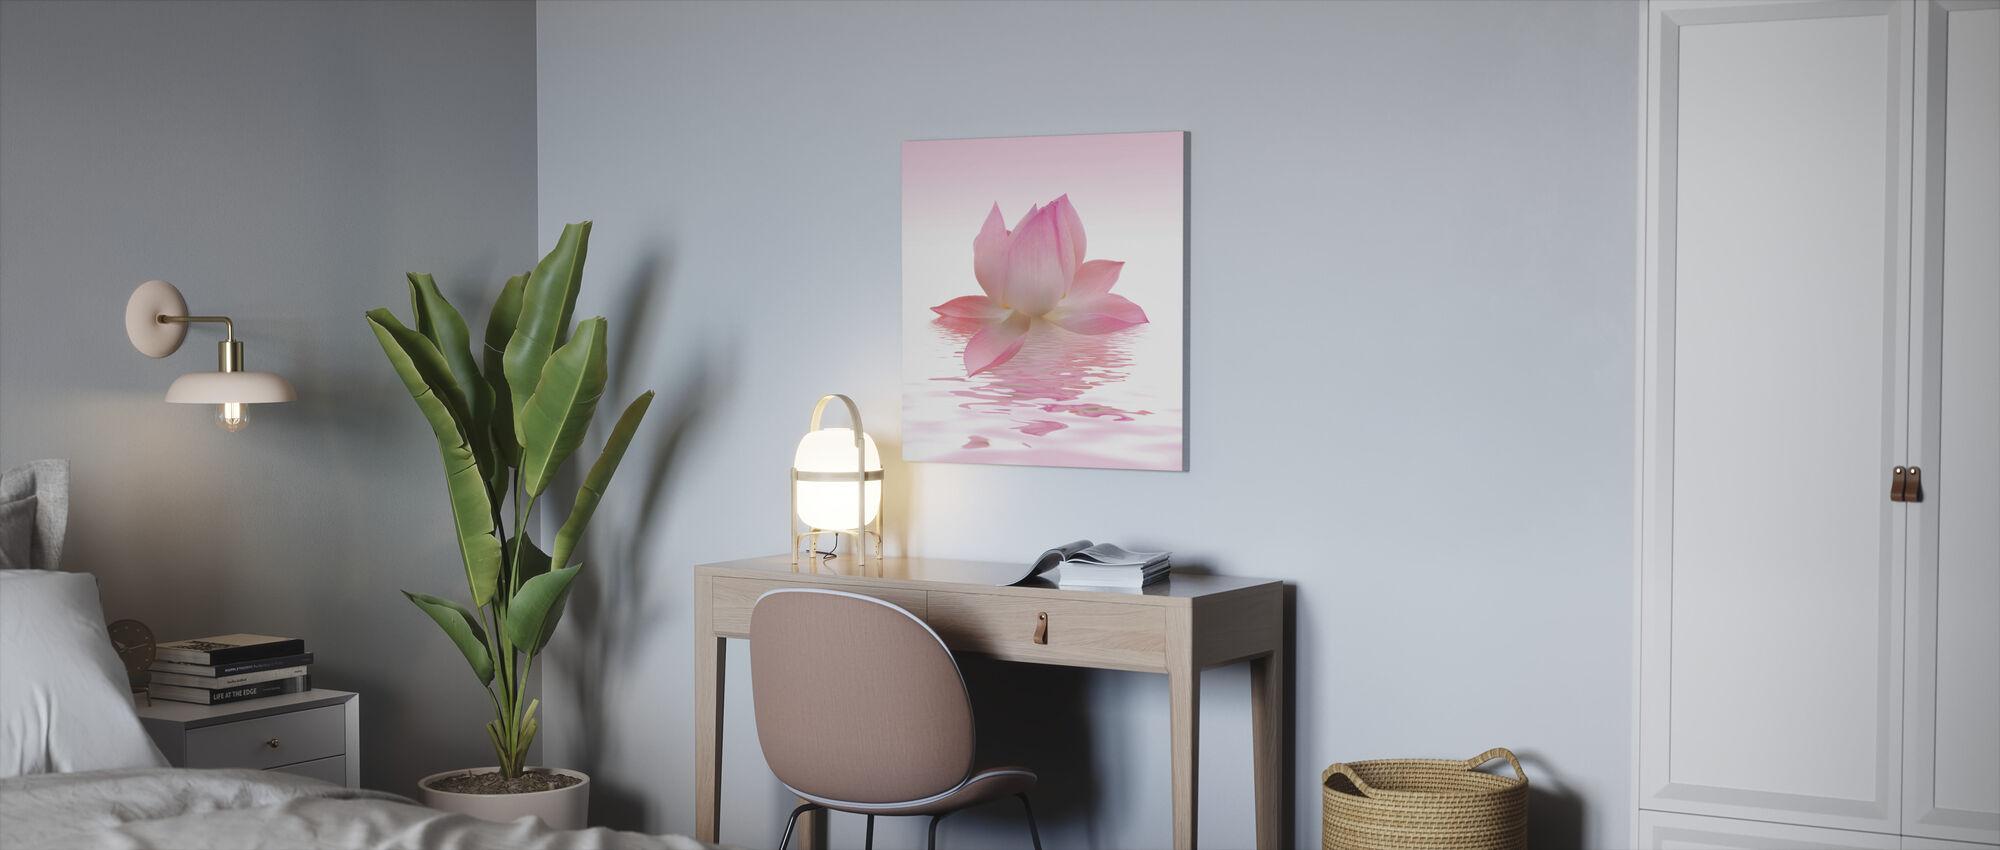 Vaaleanpunainen Lotus - Canvastaulu - Toimisto